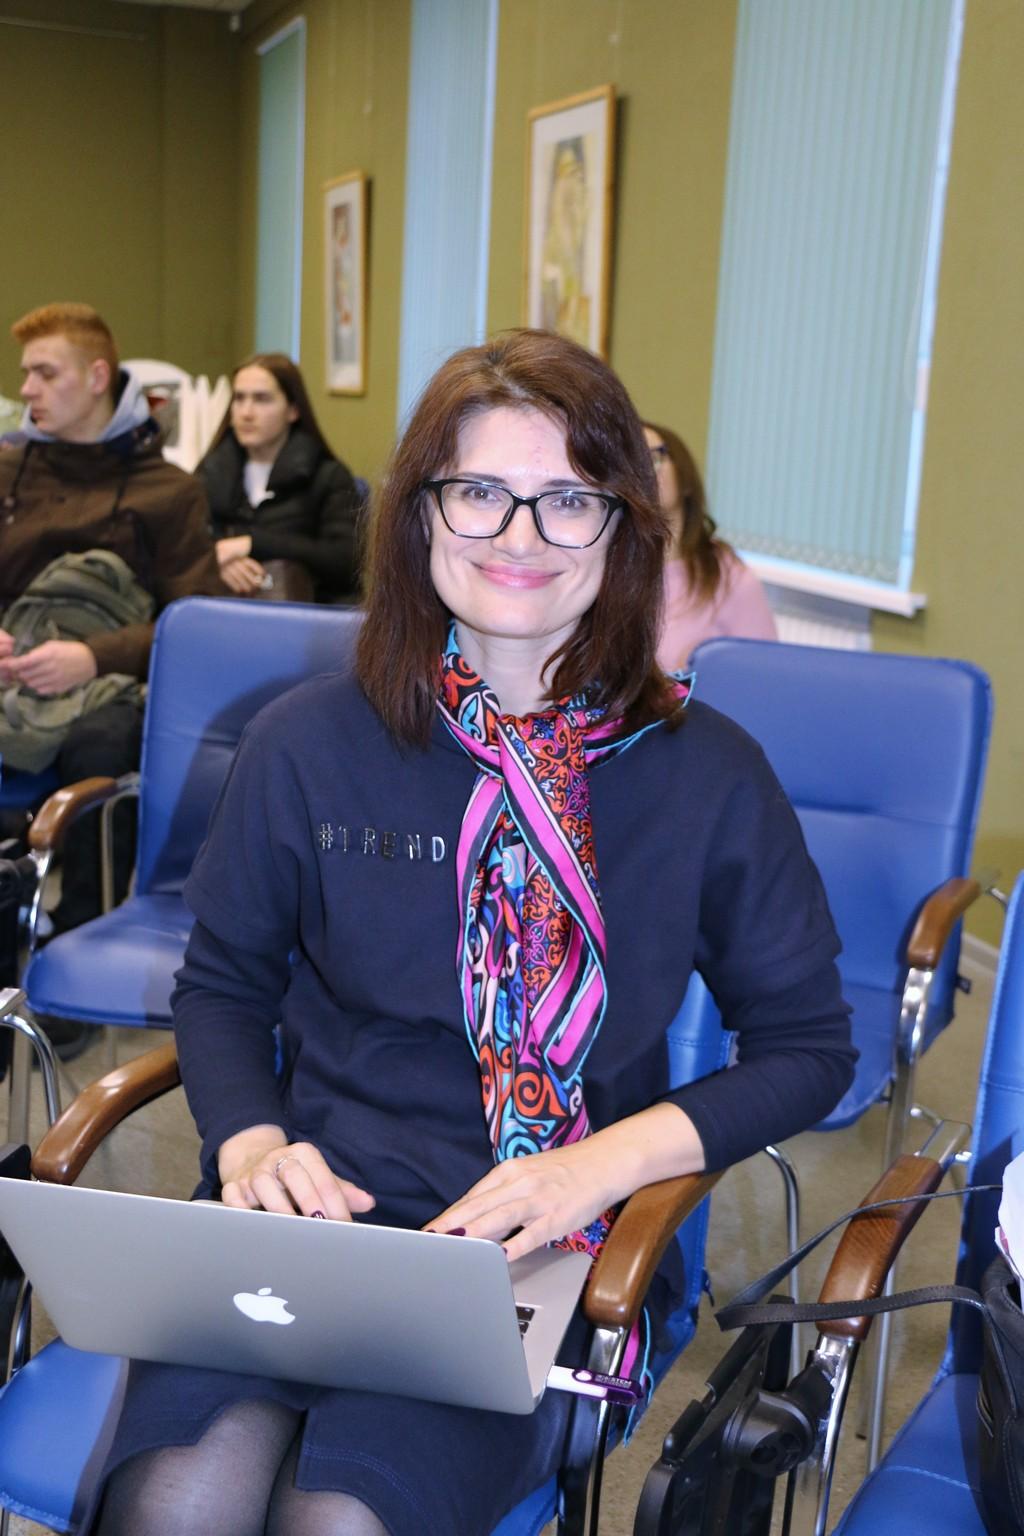 Корпоративна соціальна відповідальність: студенти дізнались про компанії, які змінюють Україну